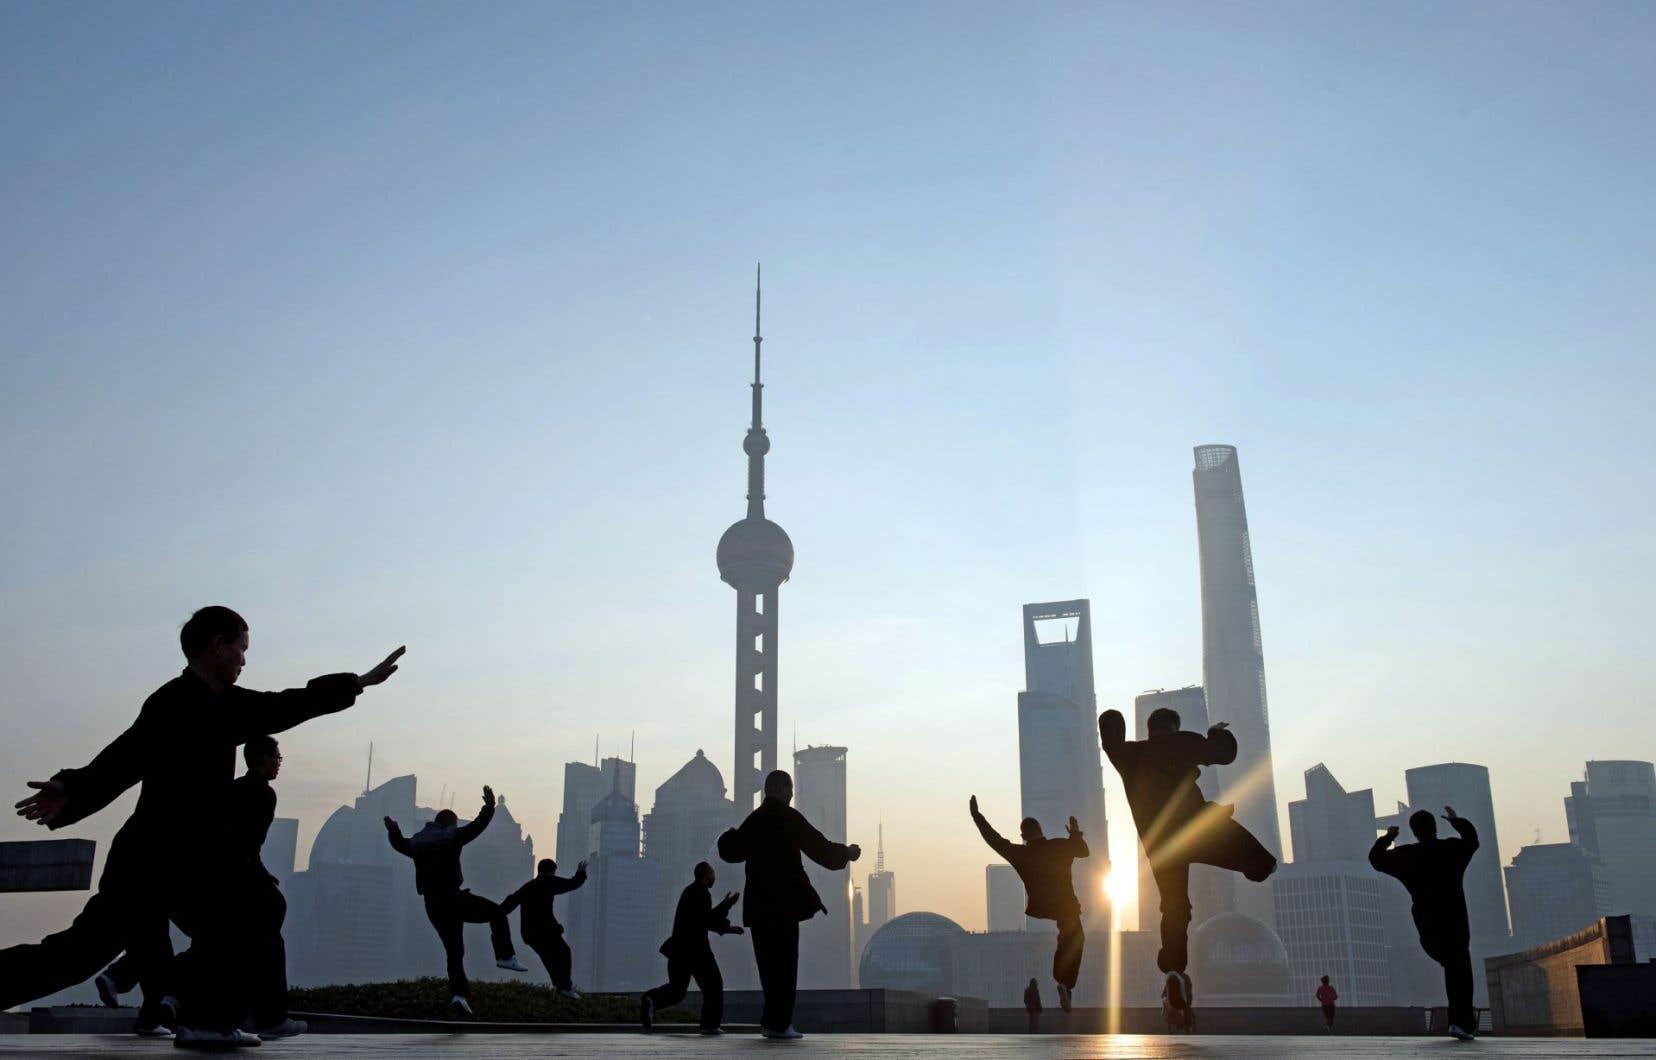 Les données du mois de décembre sur le commerce extérieur de la Chine devraient contribuer à rendre les investisseurs un peu plus zen. Sur la photo, des hommes font leurs exercices matinaux dans un parc faisant face au quartier des affaires de Shanghai.